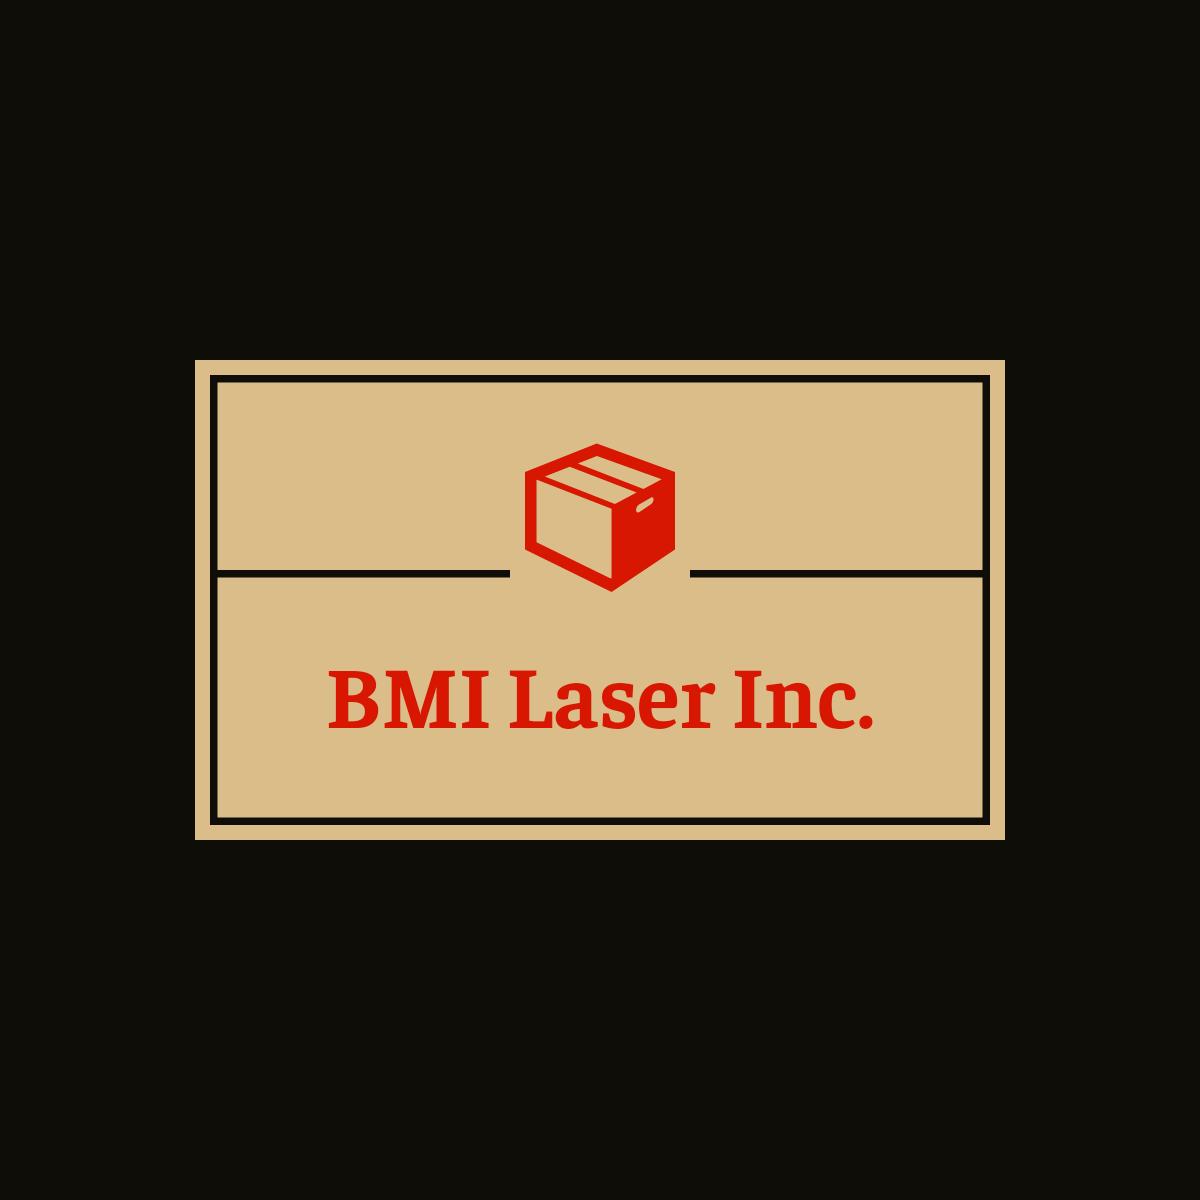 BMI Laser Inc.